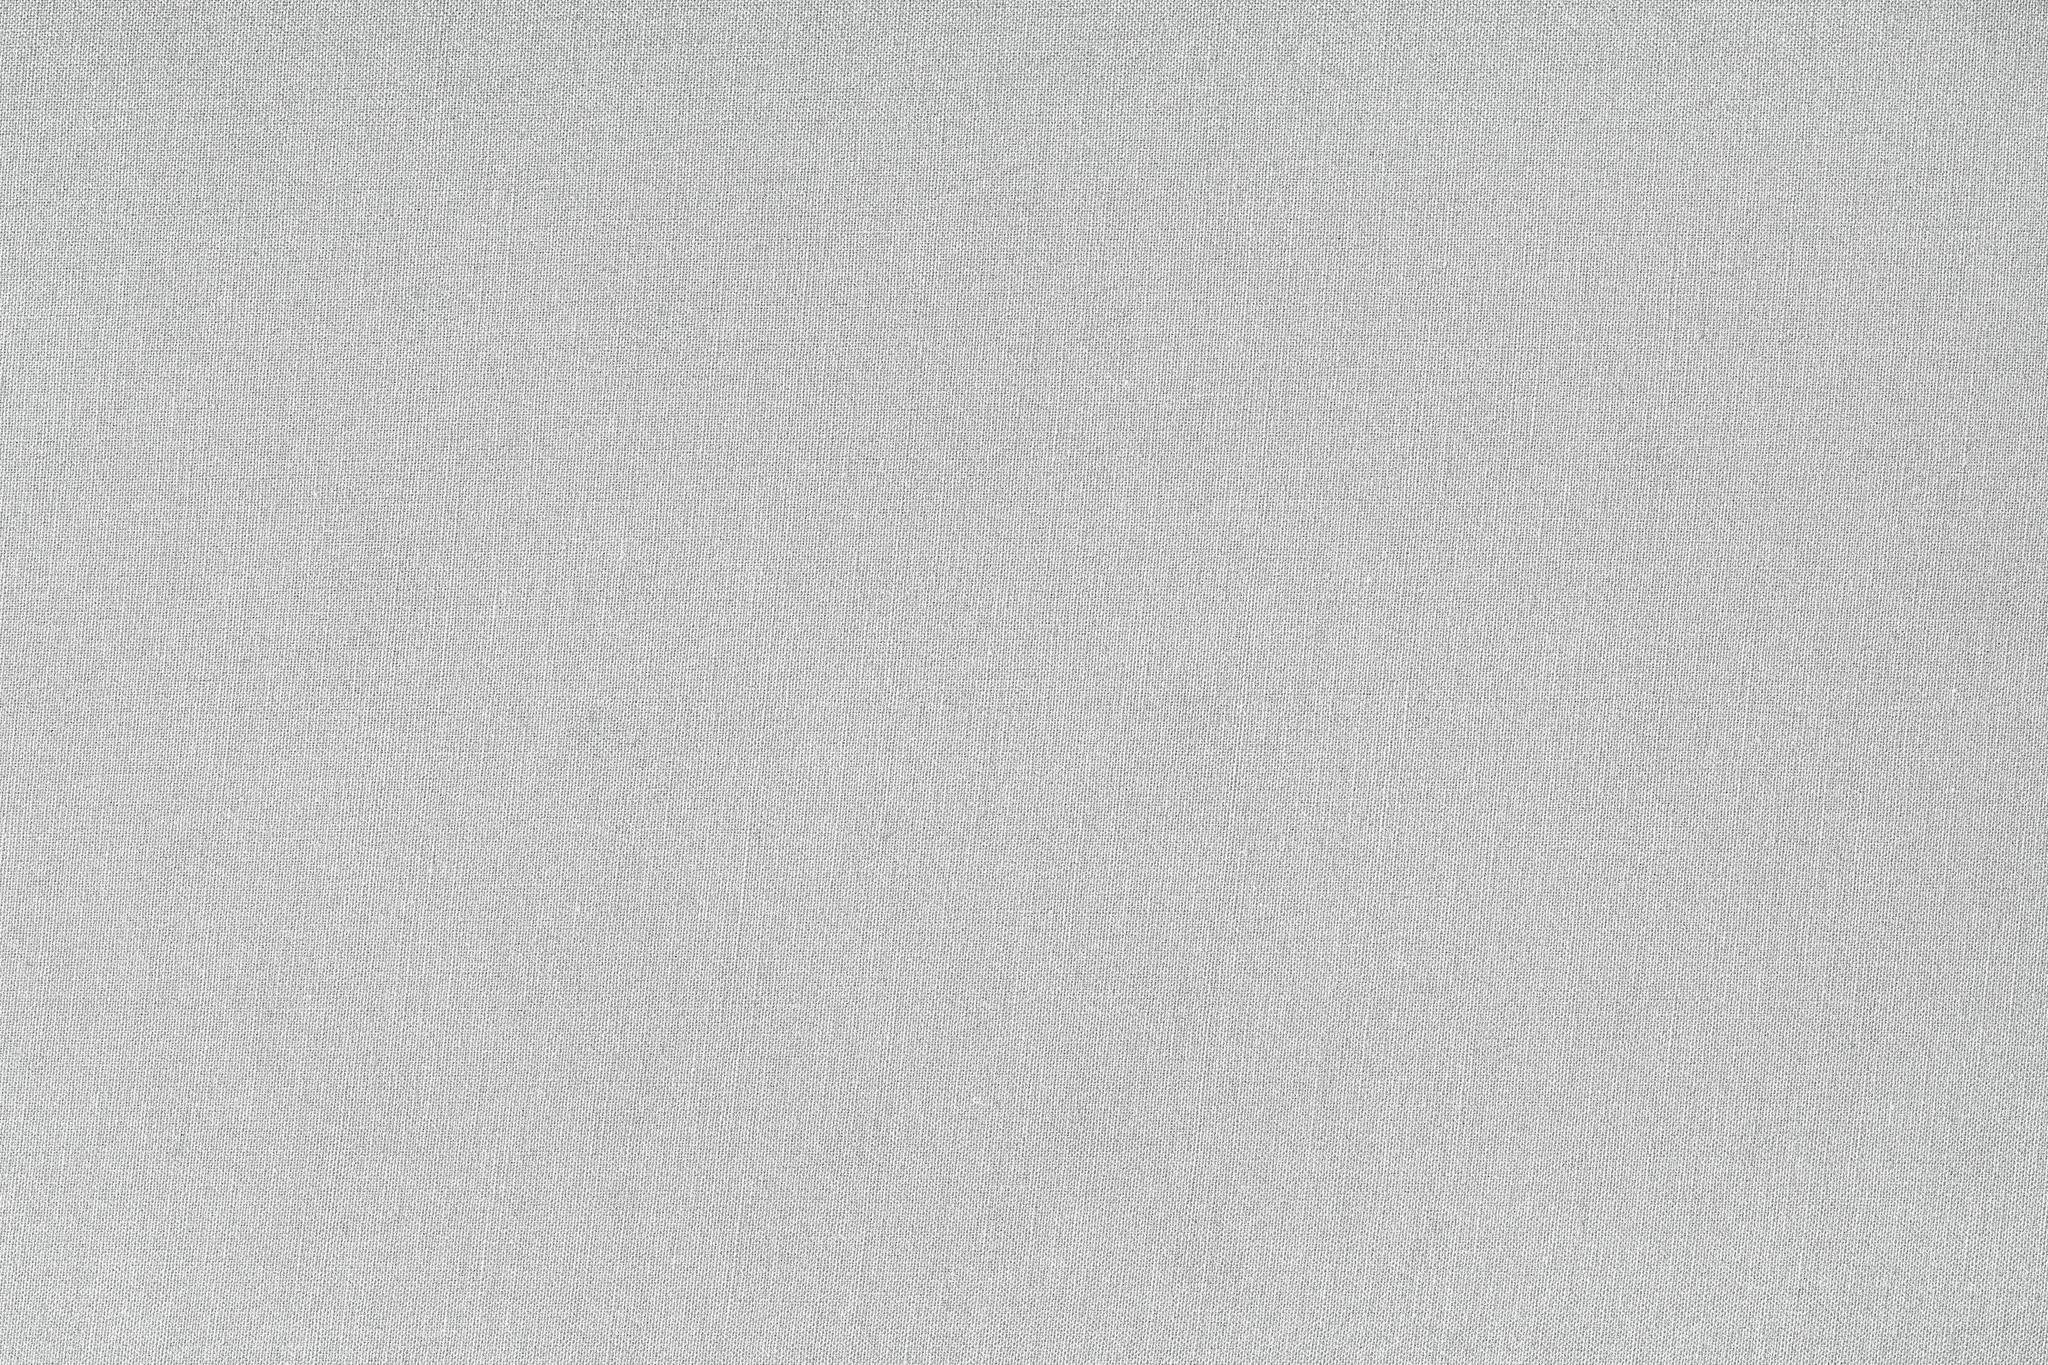 「生地」の背景を無料ダウンロード